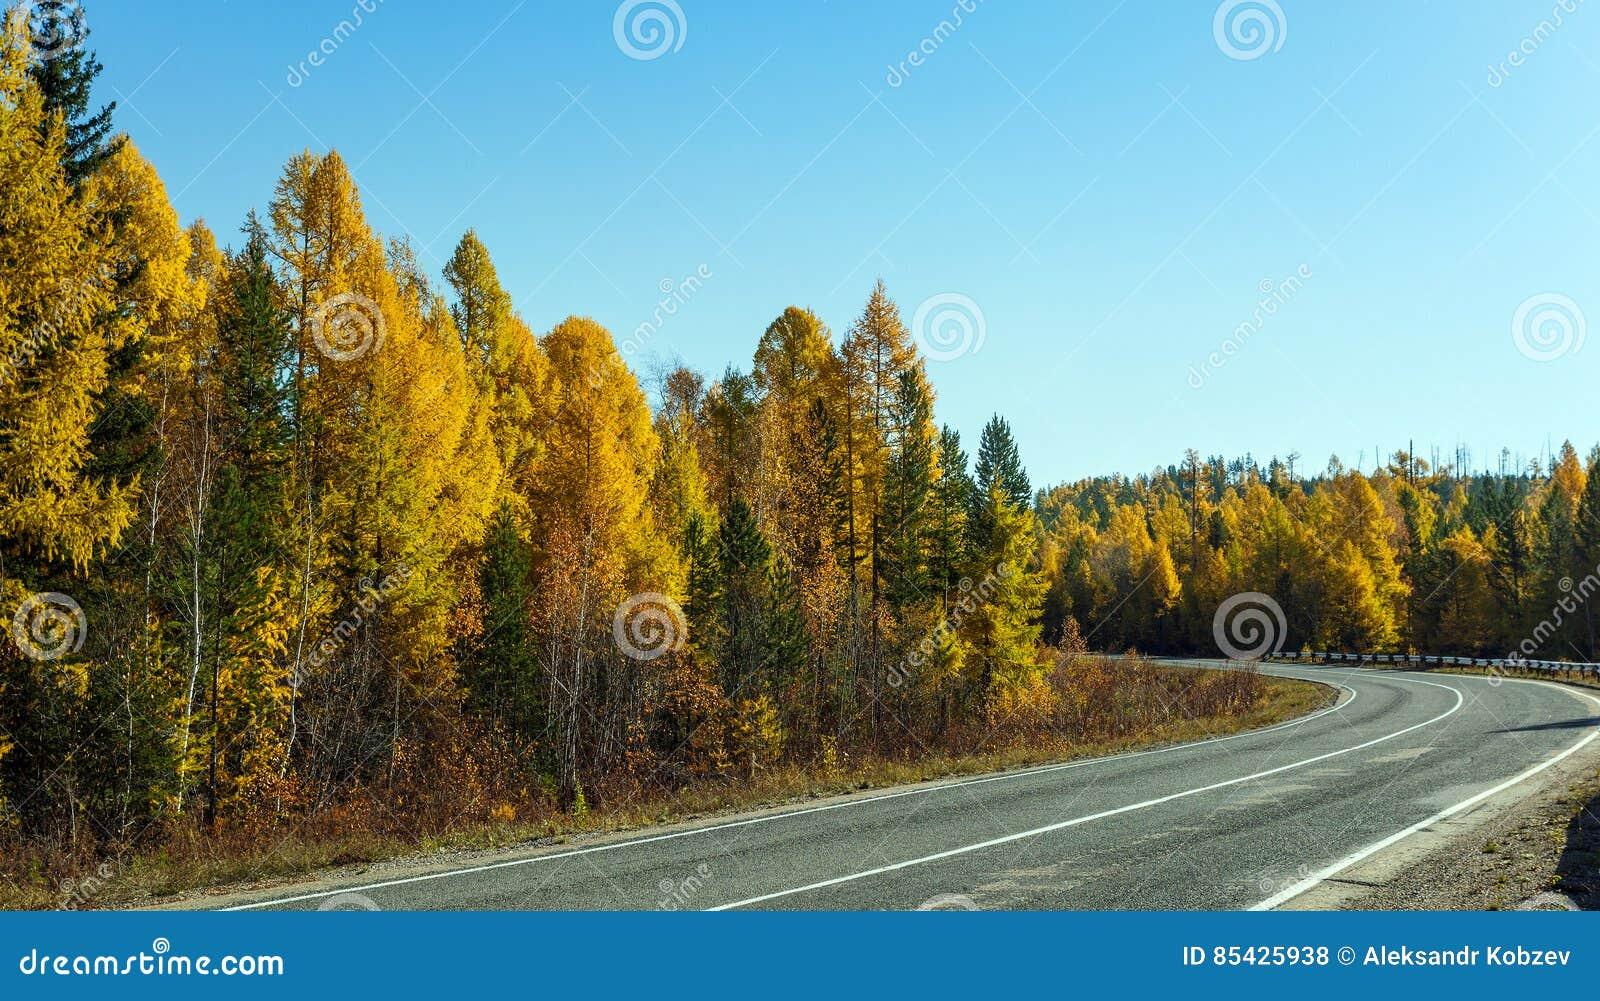 Στροφή του δρόμου ασφάλτου στο δάσος